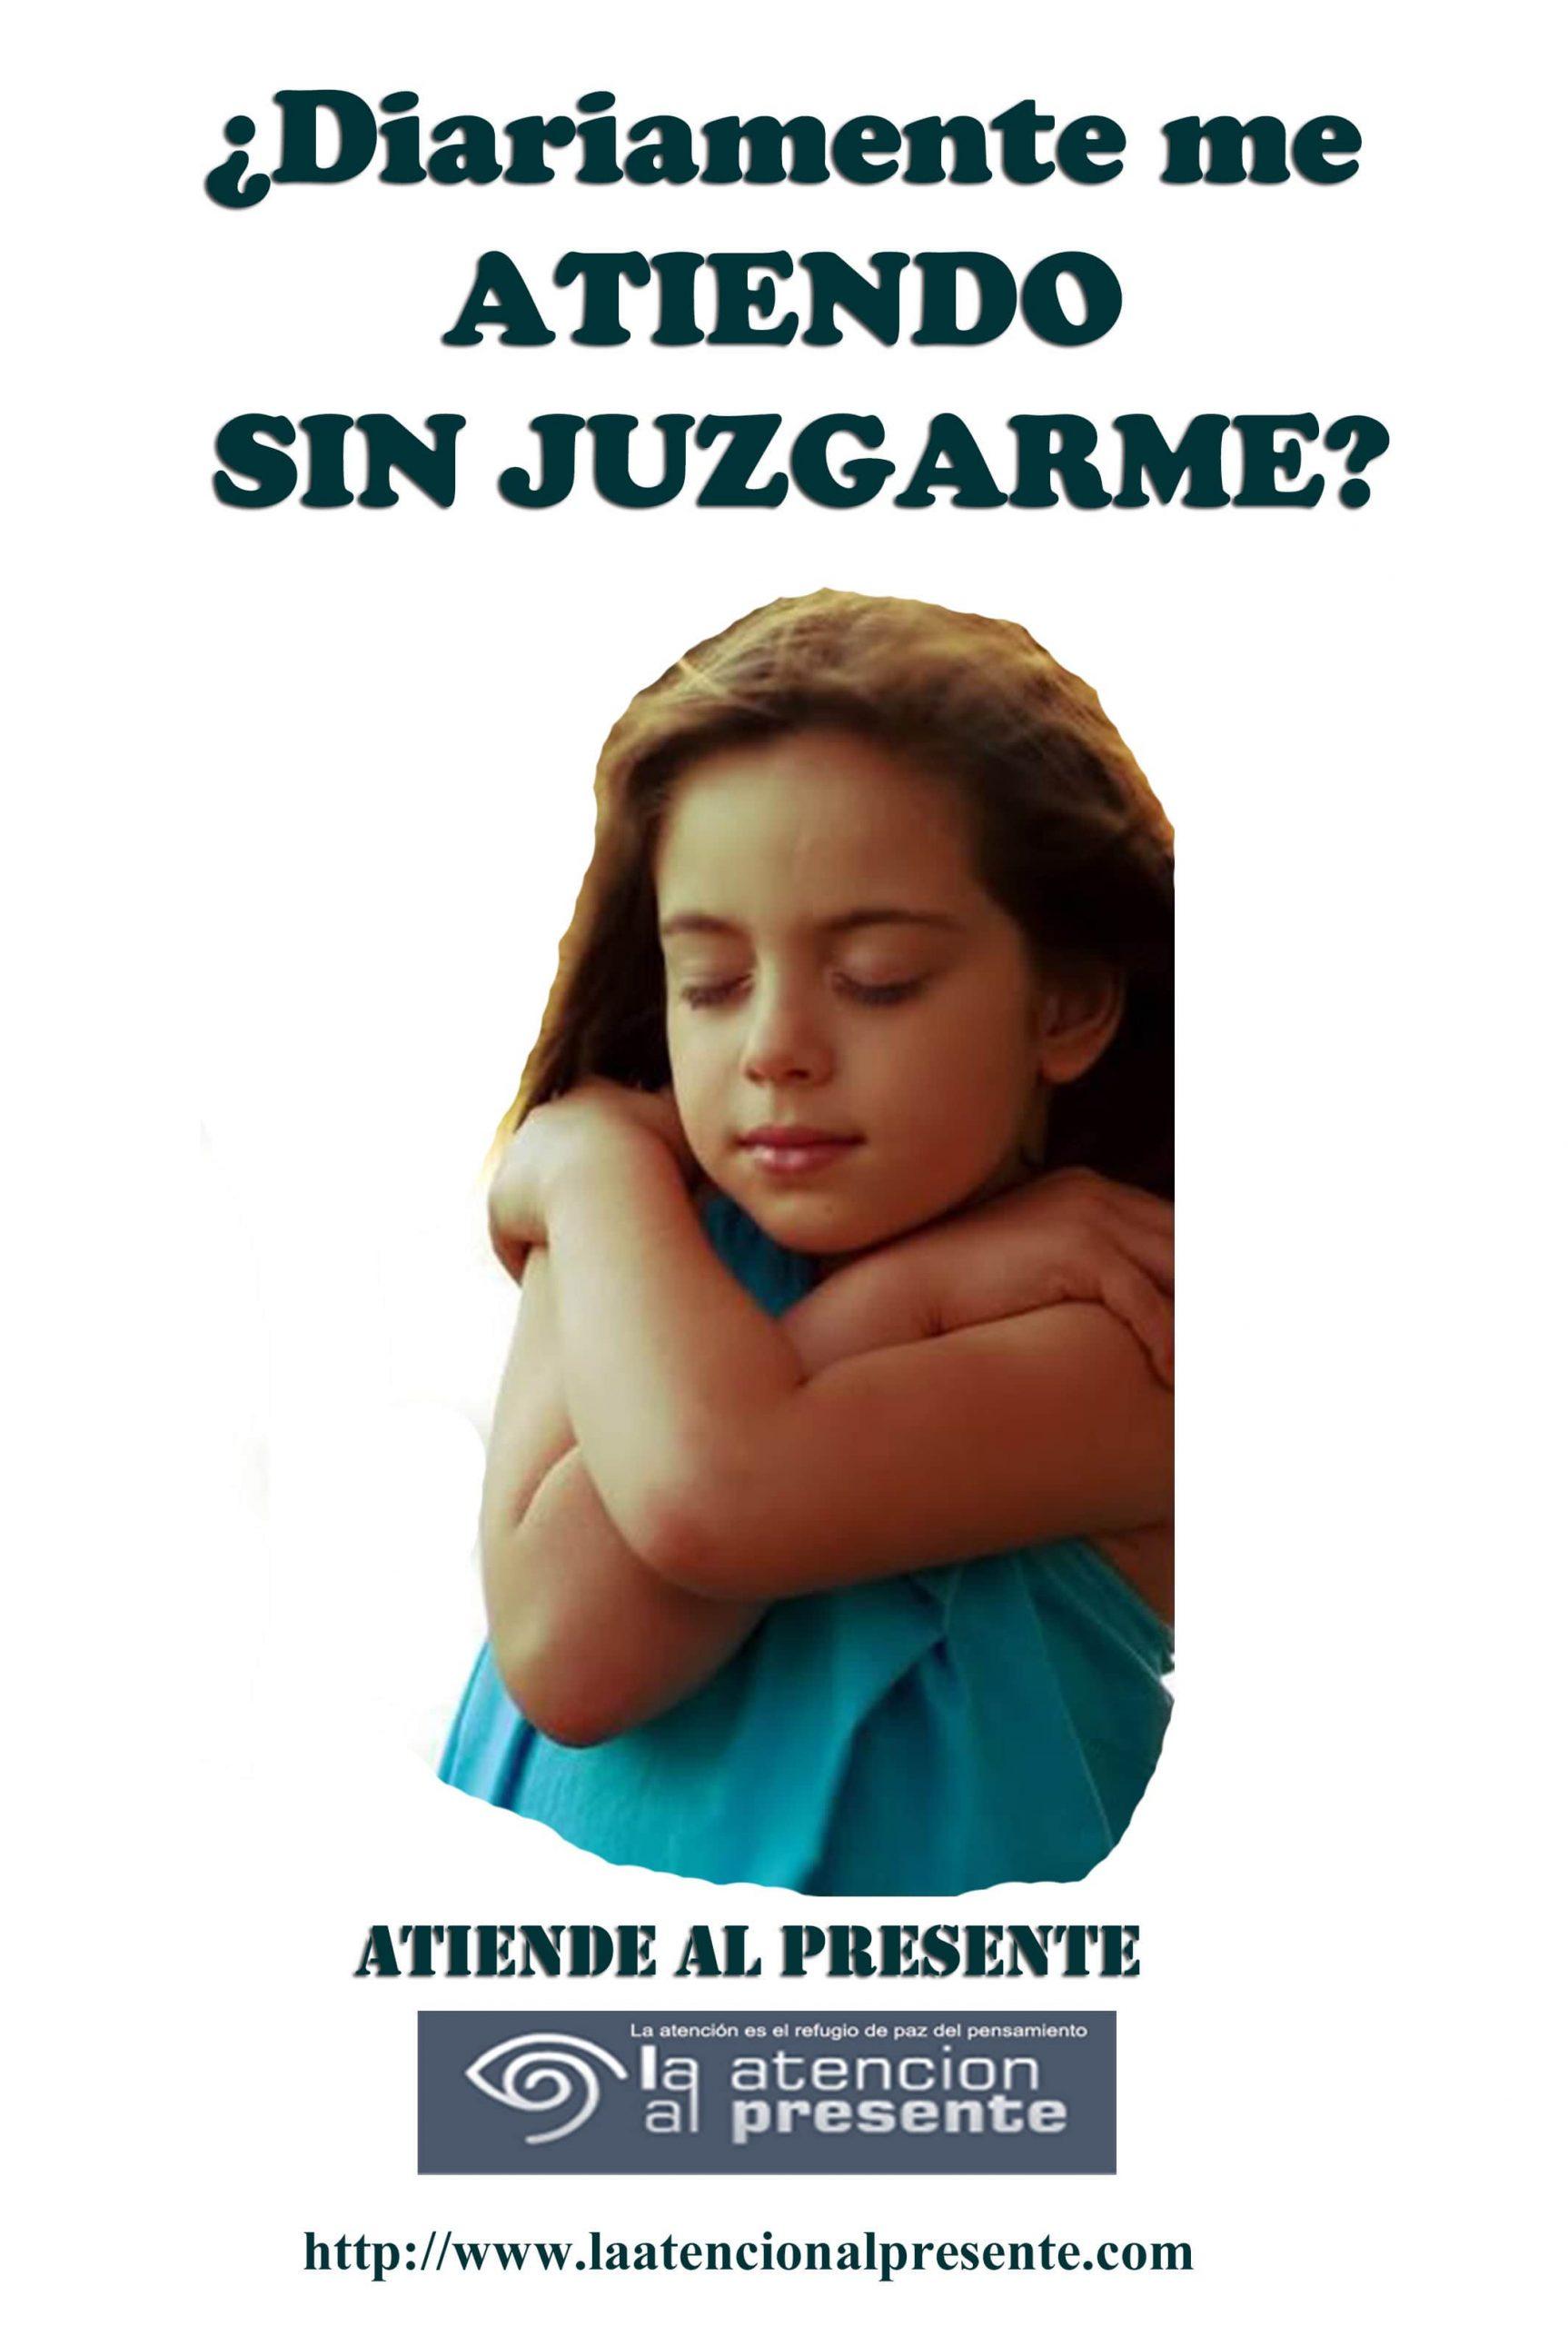 14 de Febrero Esteban DIARIAMENTE me ATIENDO SIN JUZGARME min scaled